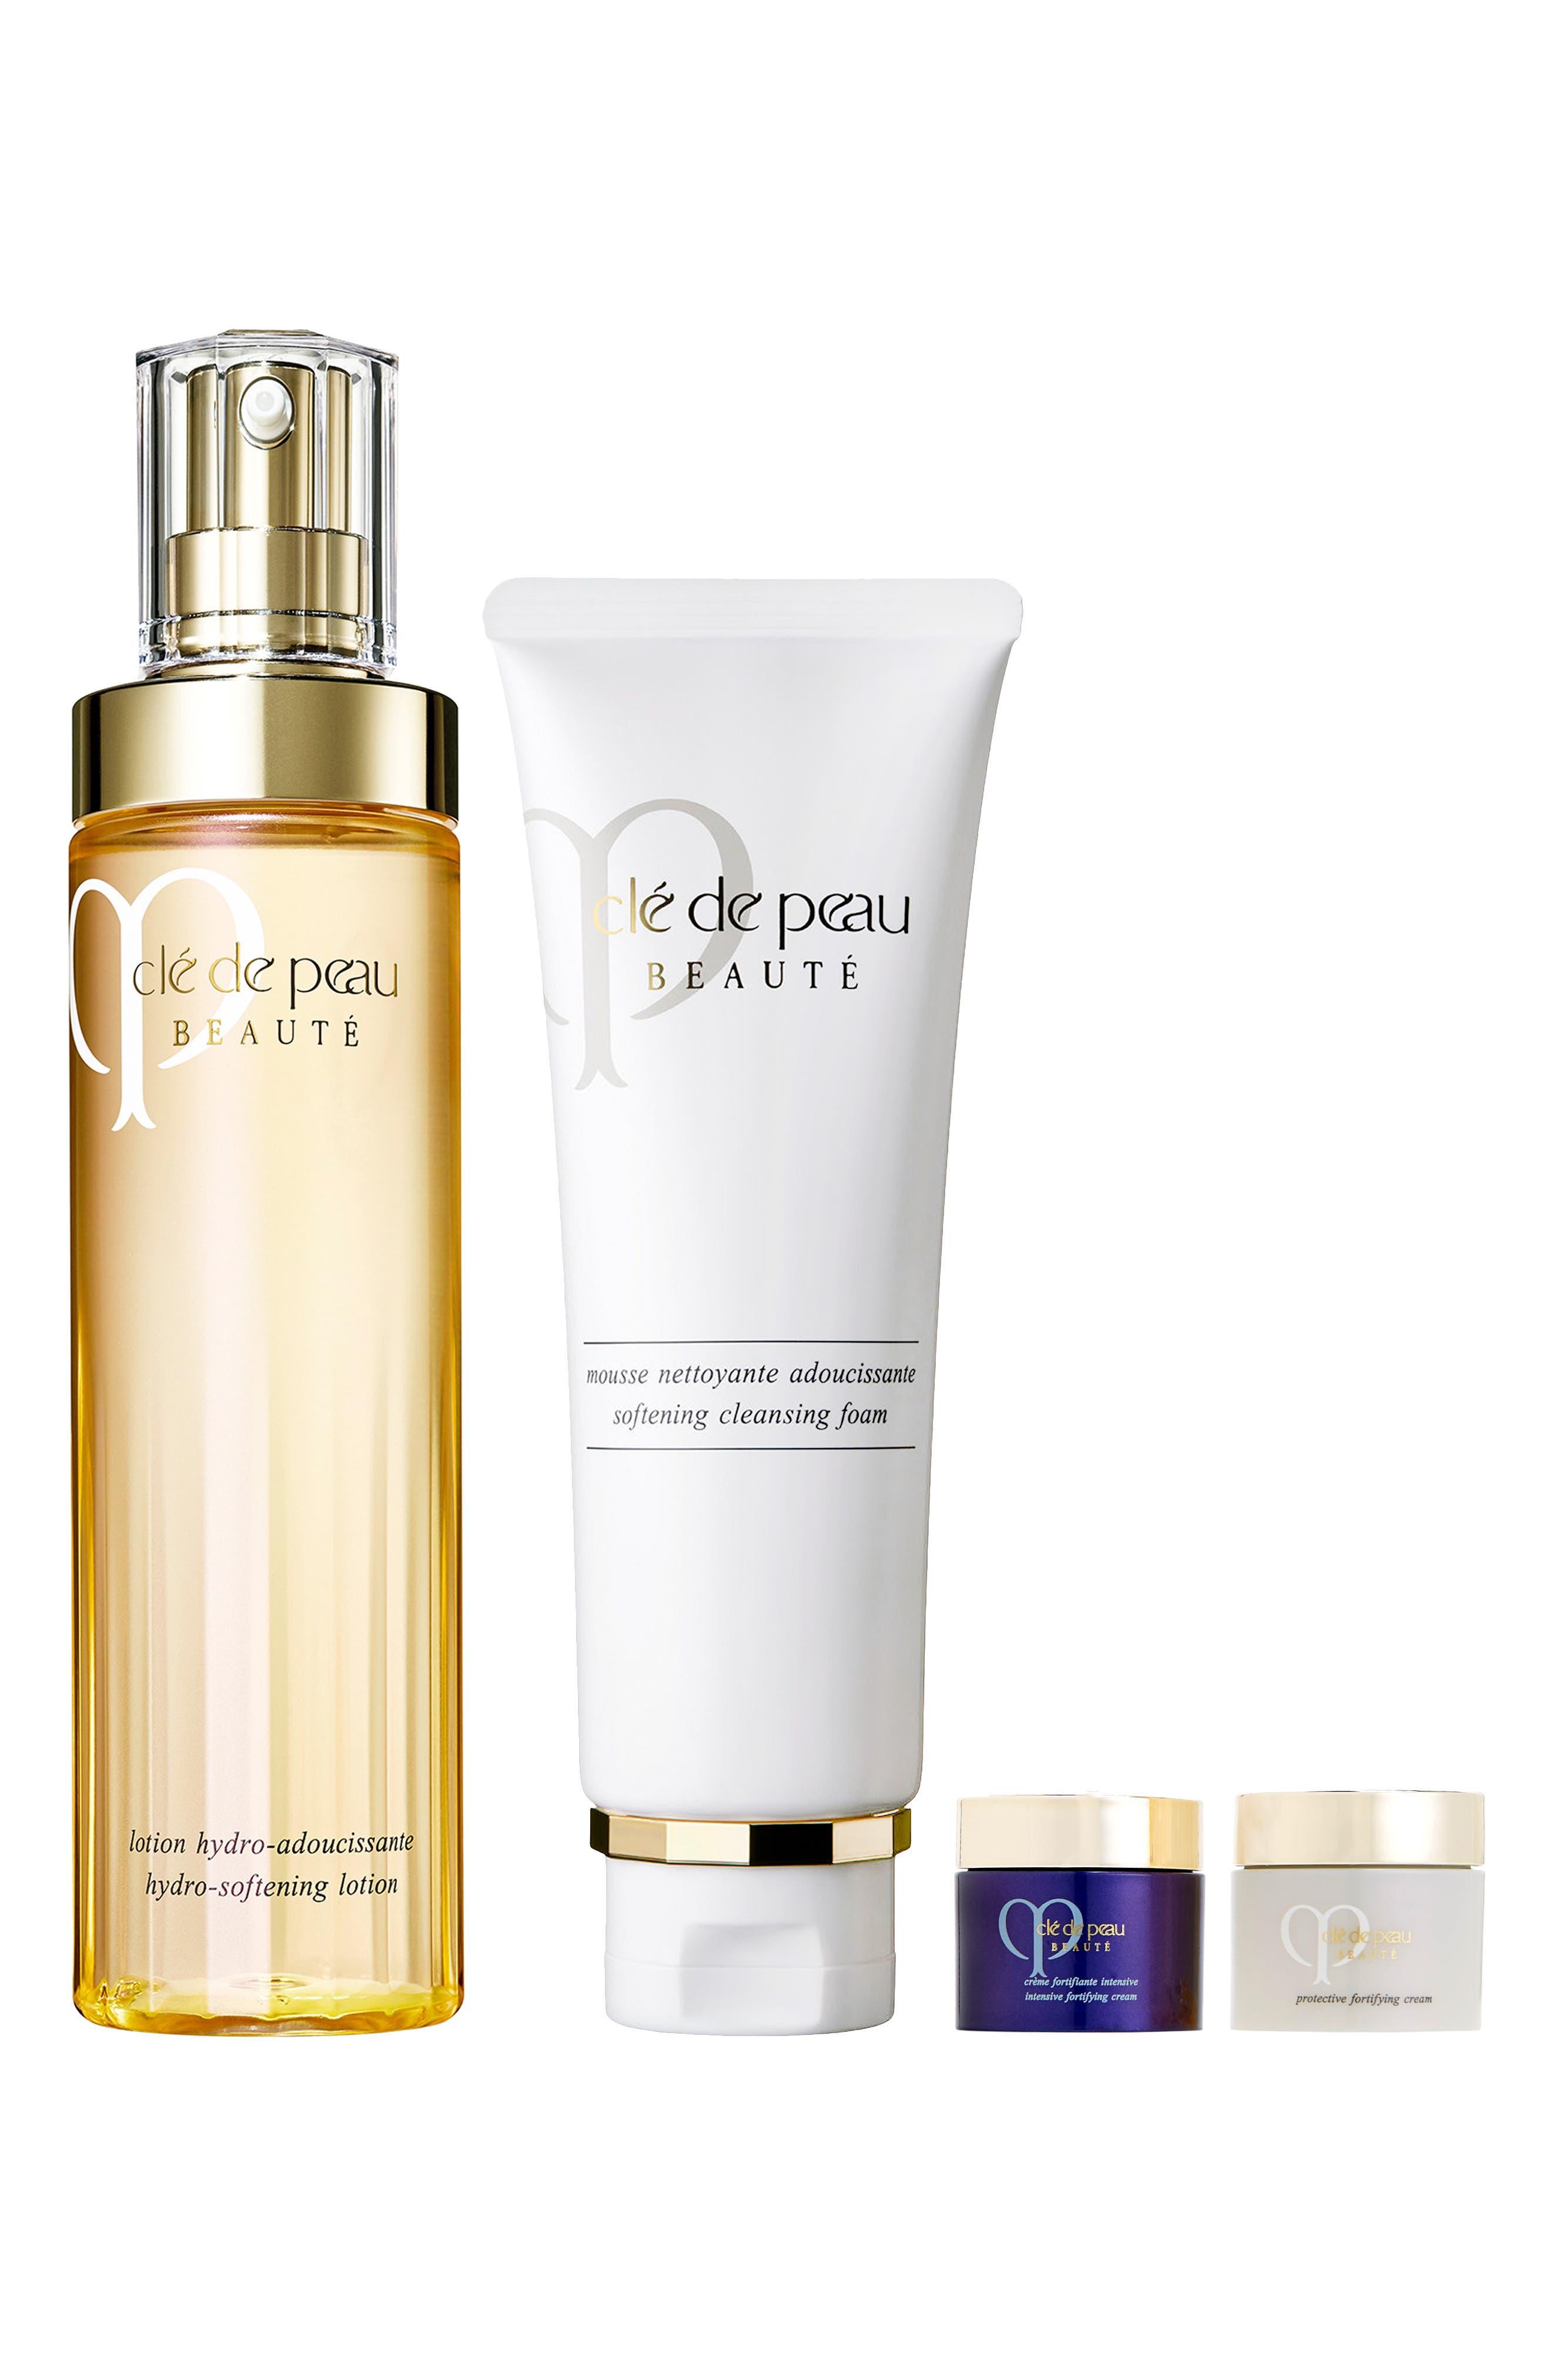 Main Image - Clé de Peau Beauté Skin Care Set ($193 Value)